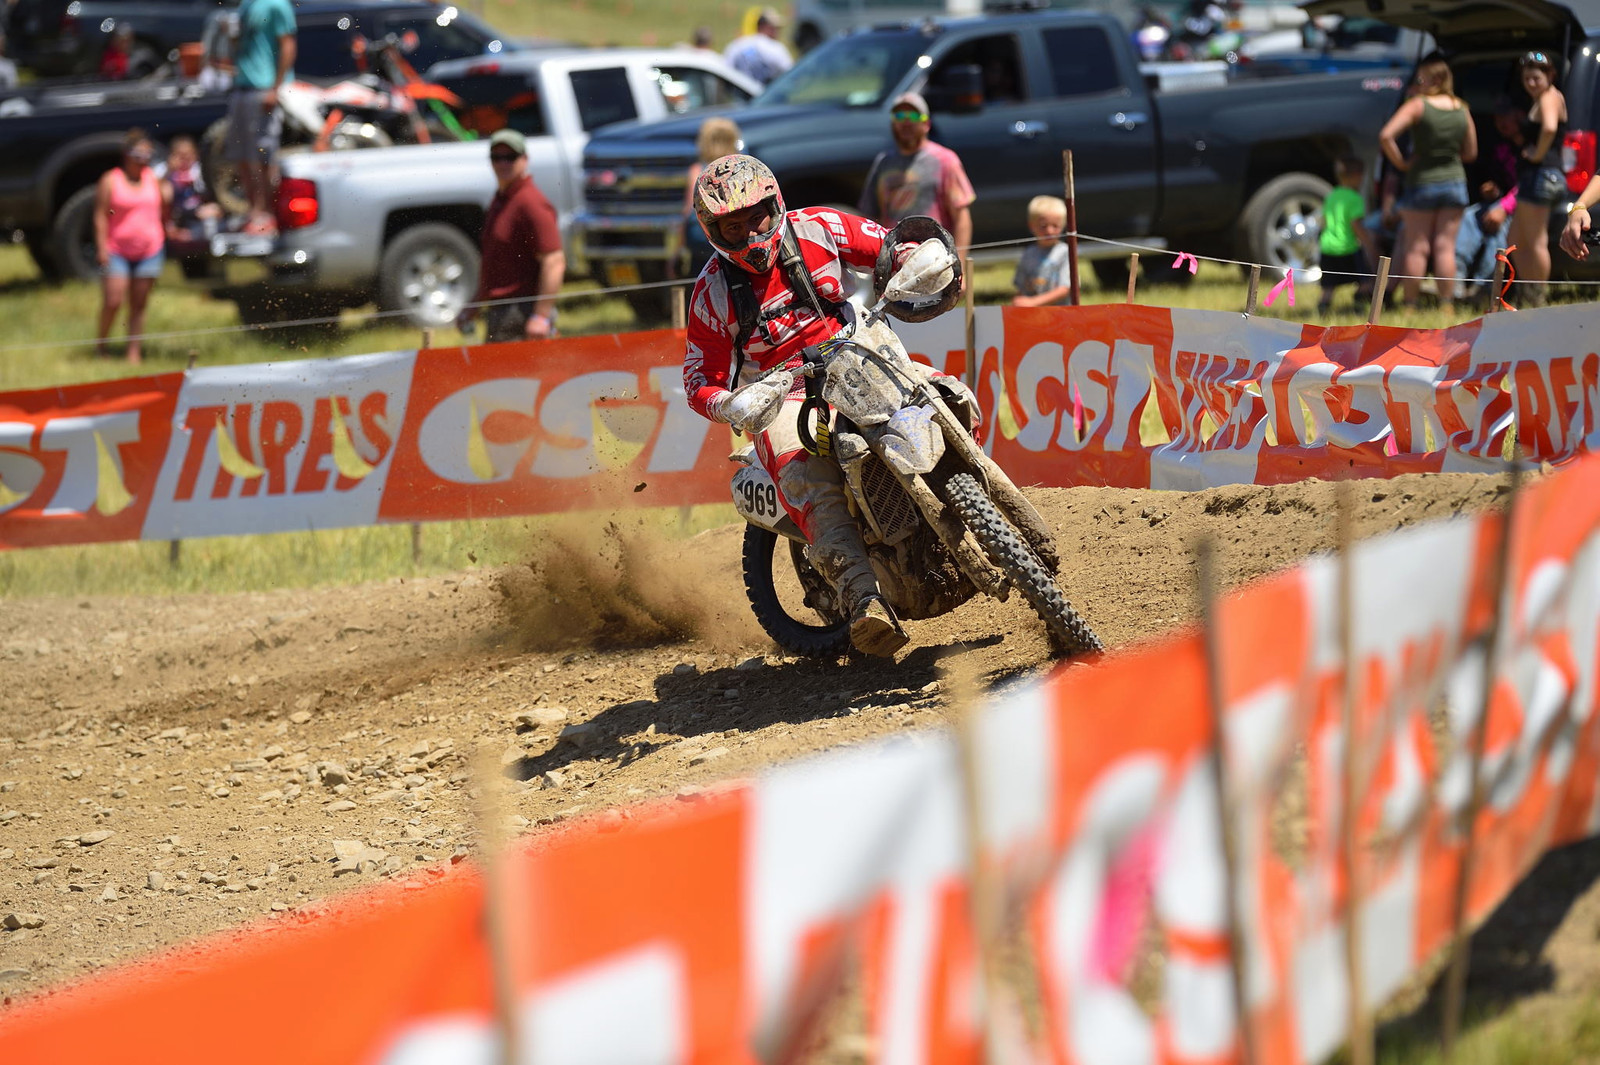 Tire trouble - Tomahawk GNCC - Motocross Pictures - Vital MX